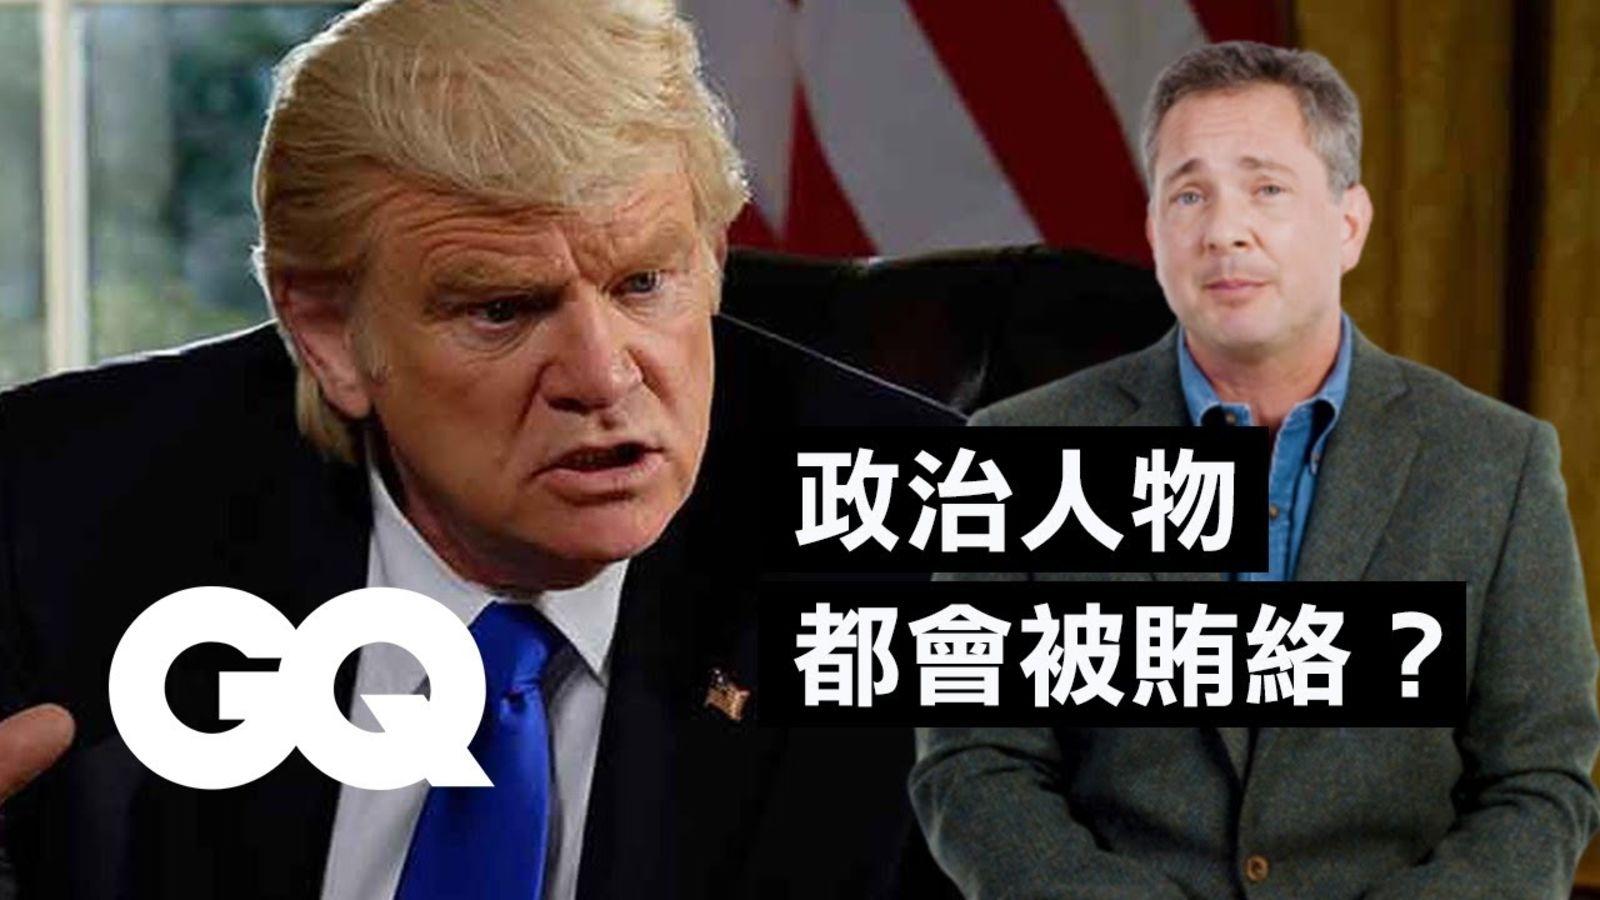 總統都是反社會主義者?學者解析尼克森、川普、雷根等美國歷任總統電影片段 Historian Reviews Presidents in Films & TV|經典電影大解密|GQ Taiwan